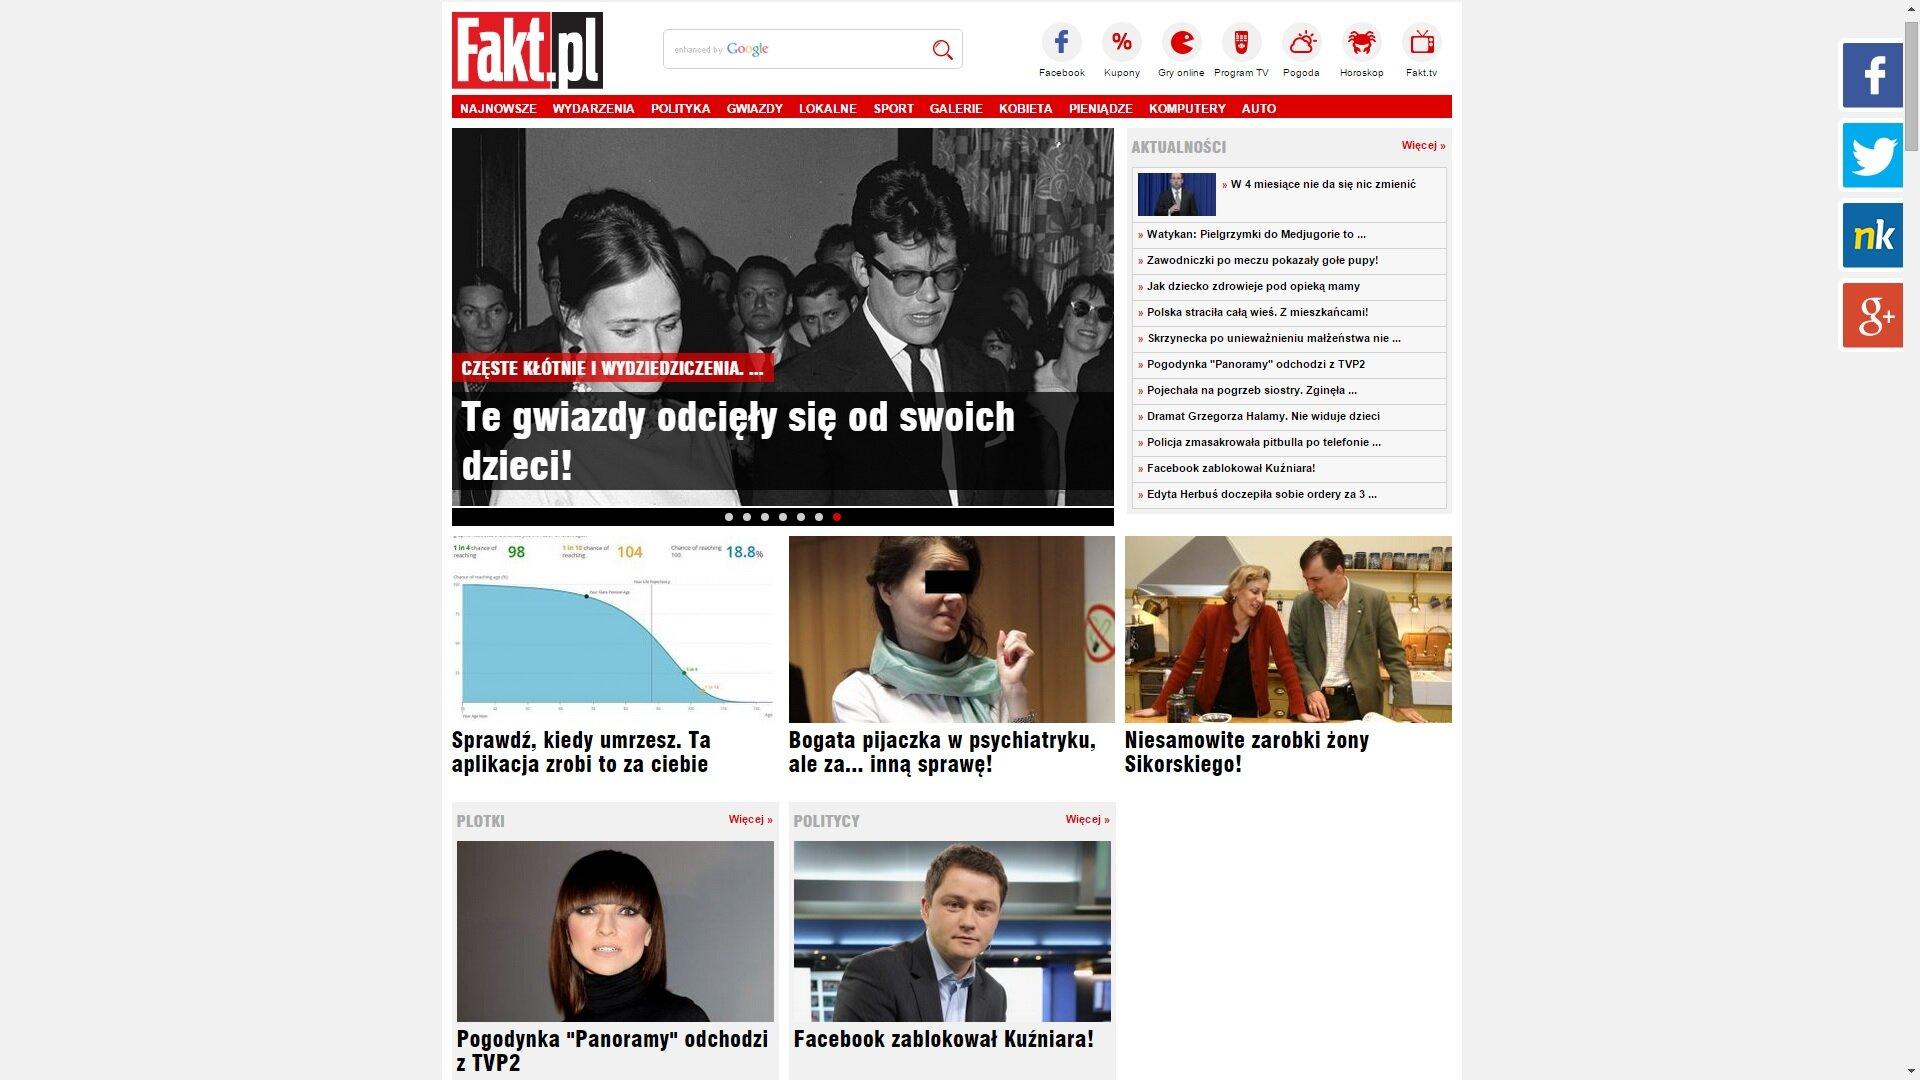 Zrzut ekranu ze strony www.fakt.pl